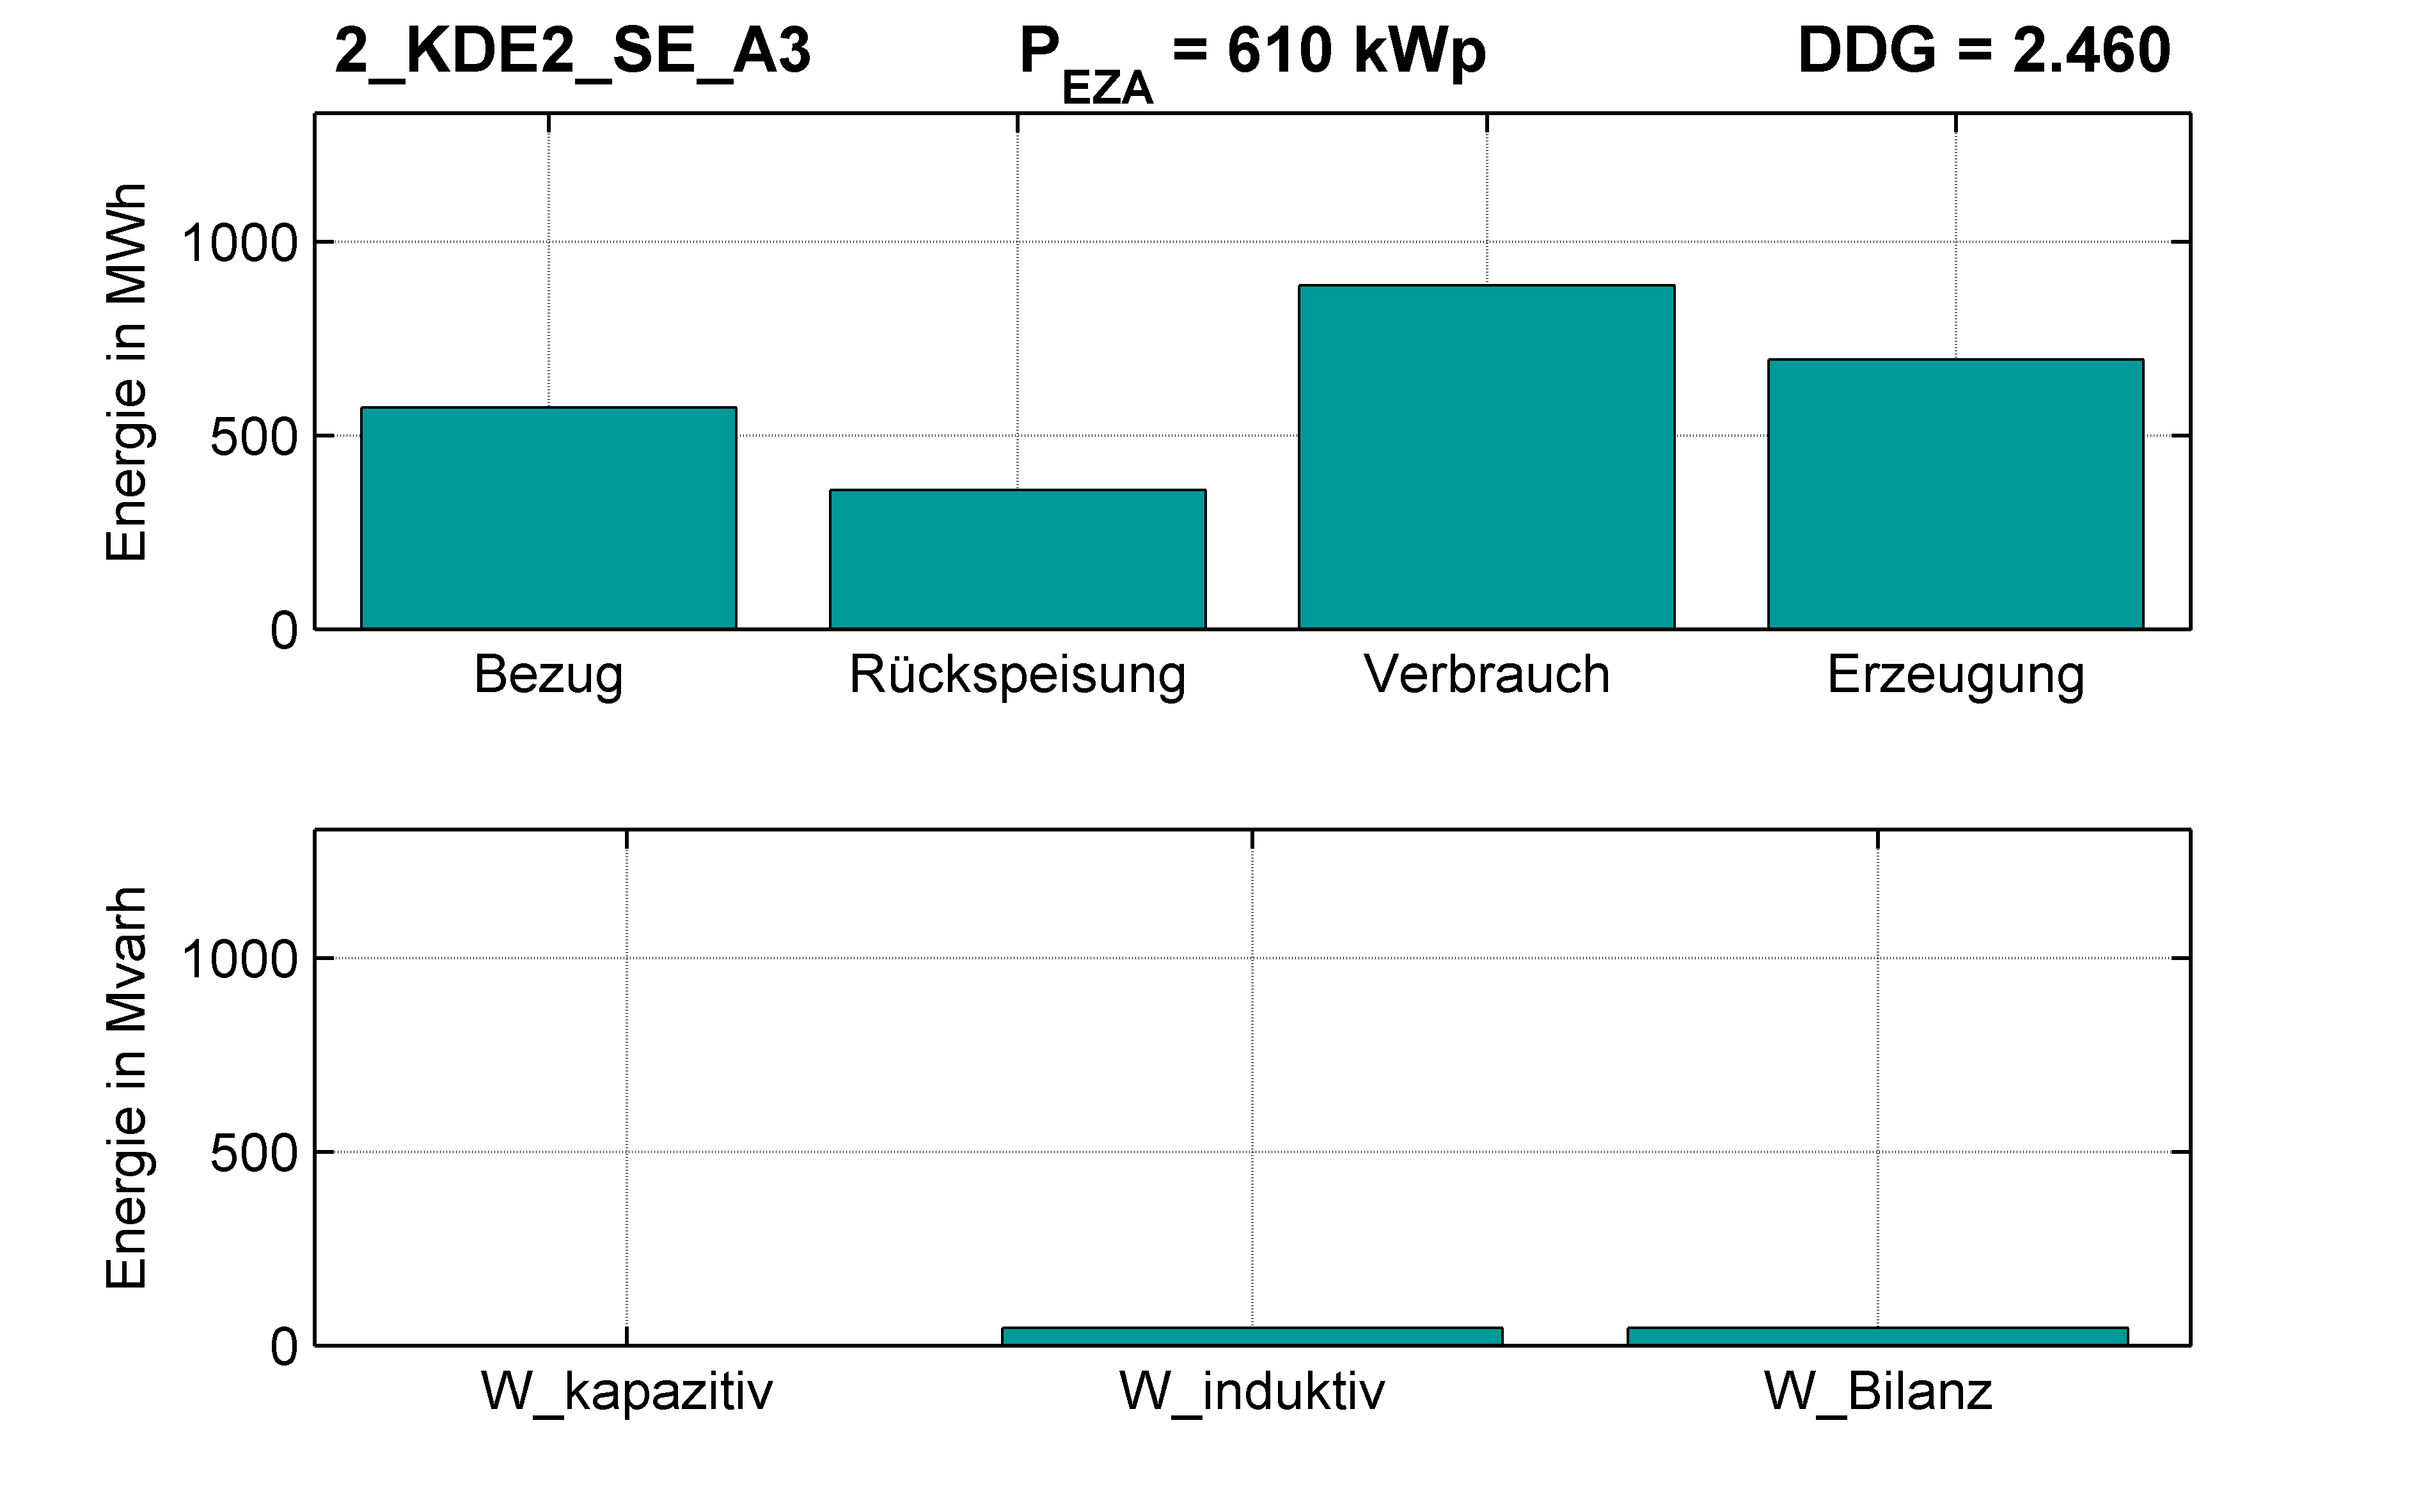 KDE2 | P-Kappung 85% (SE) A3 | PQ-Bilanz